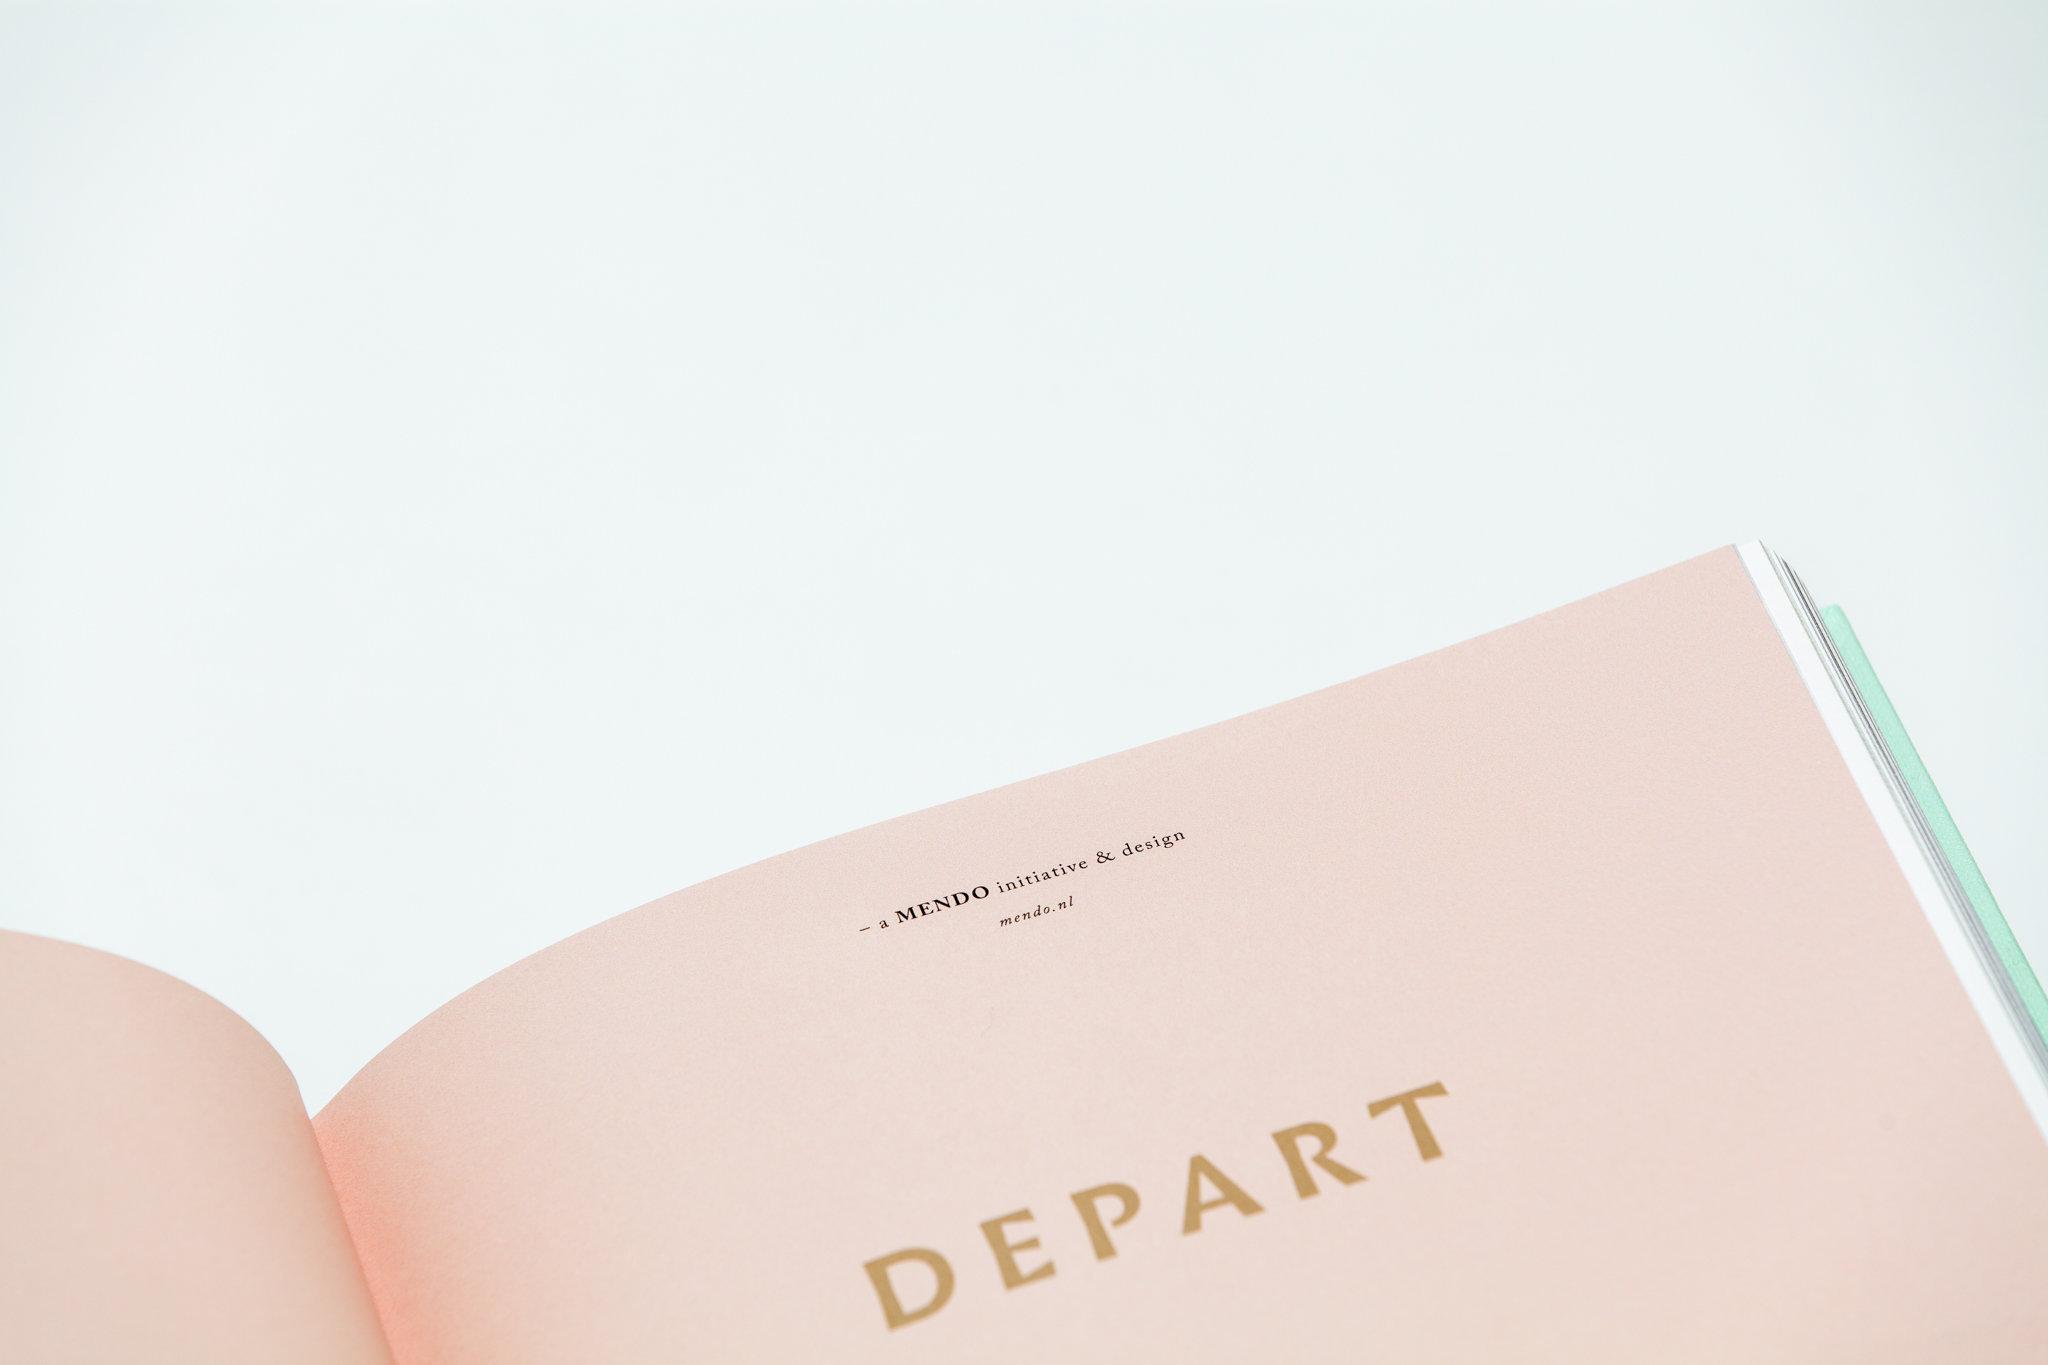 depart2_36.jpg